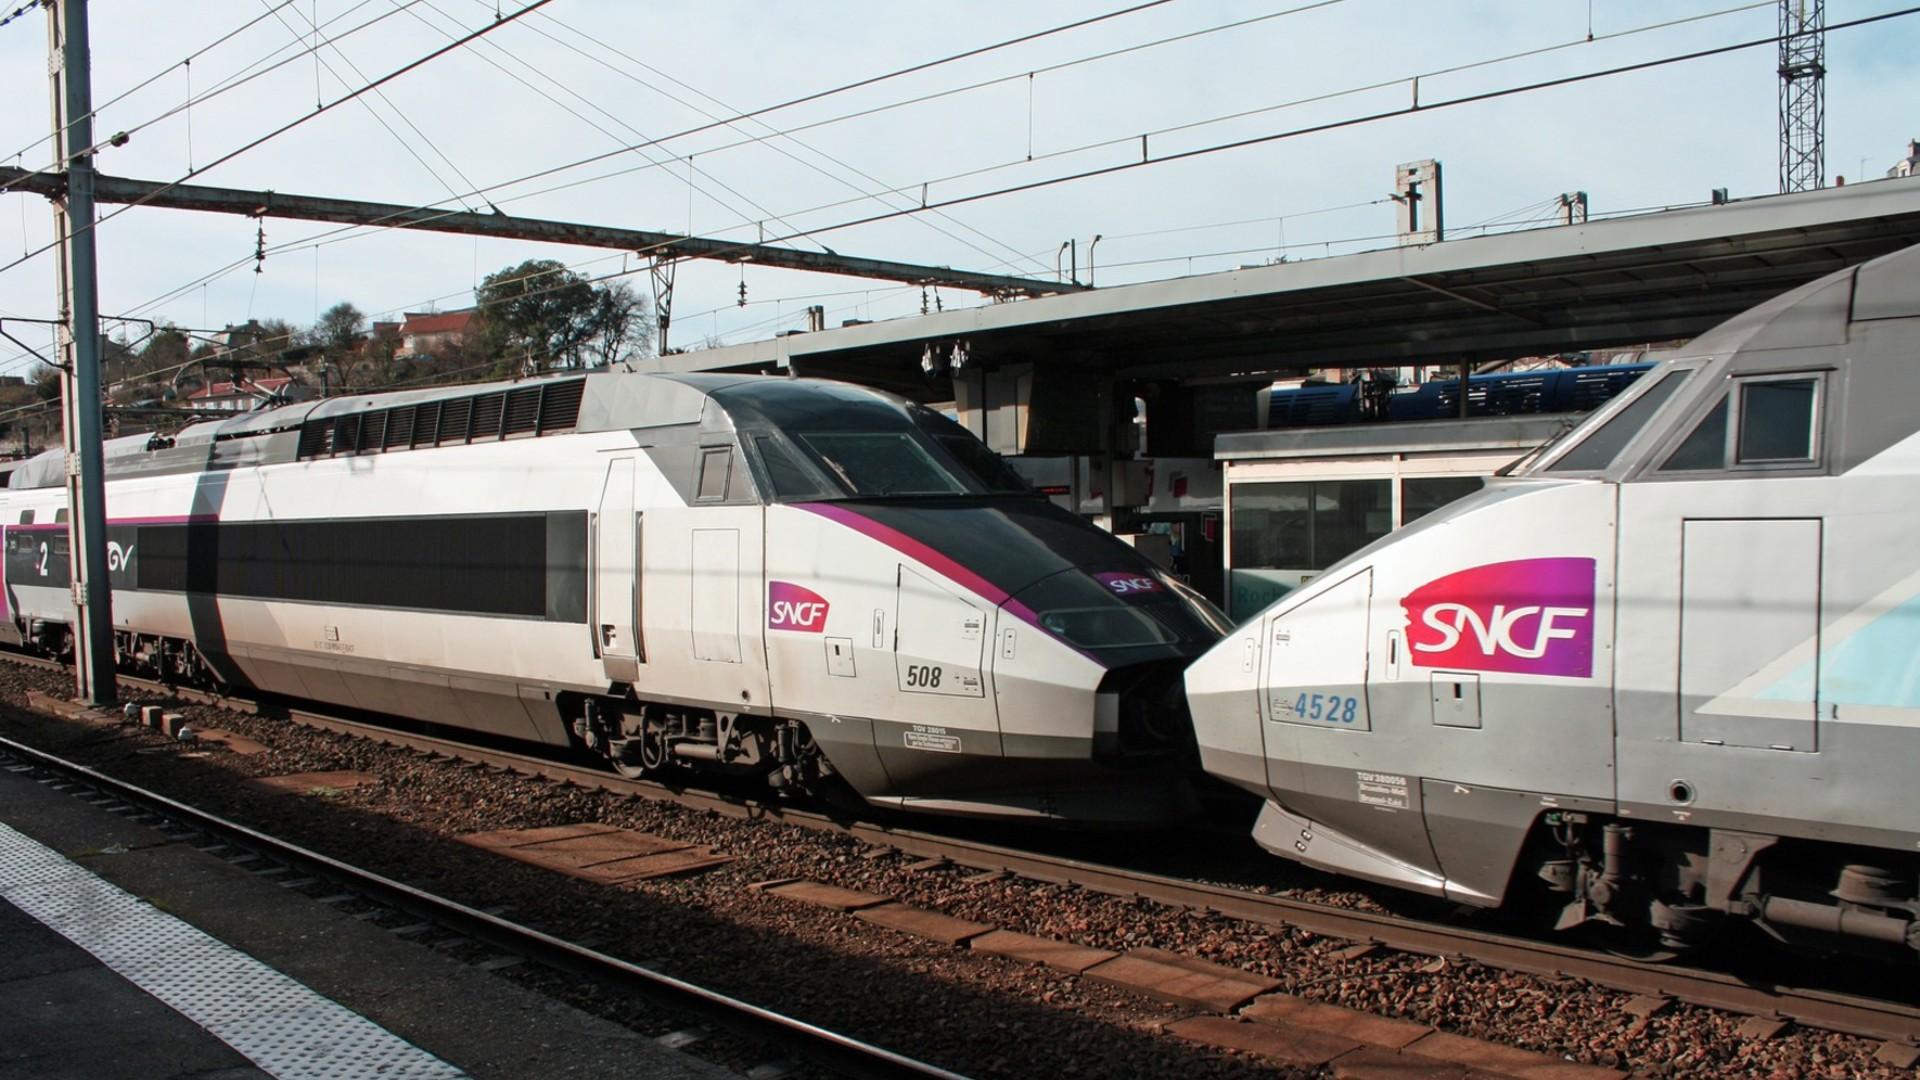 Pass sanitaire : ce qu'il faut savoir pour voyager en train